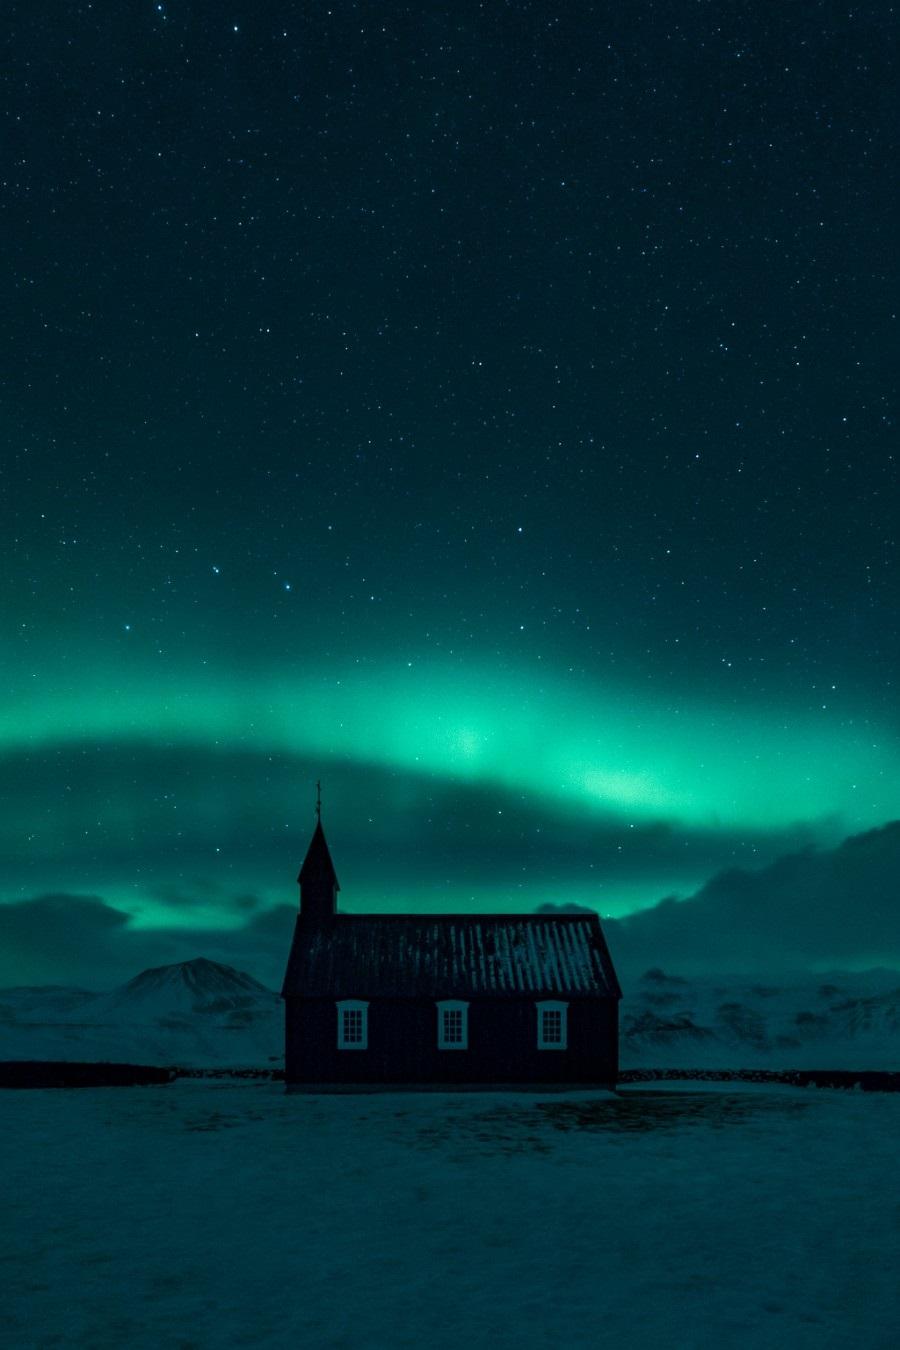 Лучшие астрономические фото года Лучшие астрономические фото года A30703 Holy 20Light 20II 20 C2 A9 20Mikkel 20Beiter